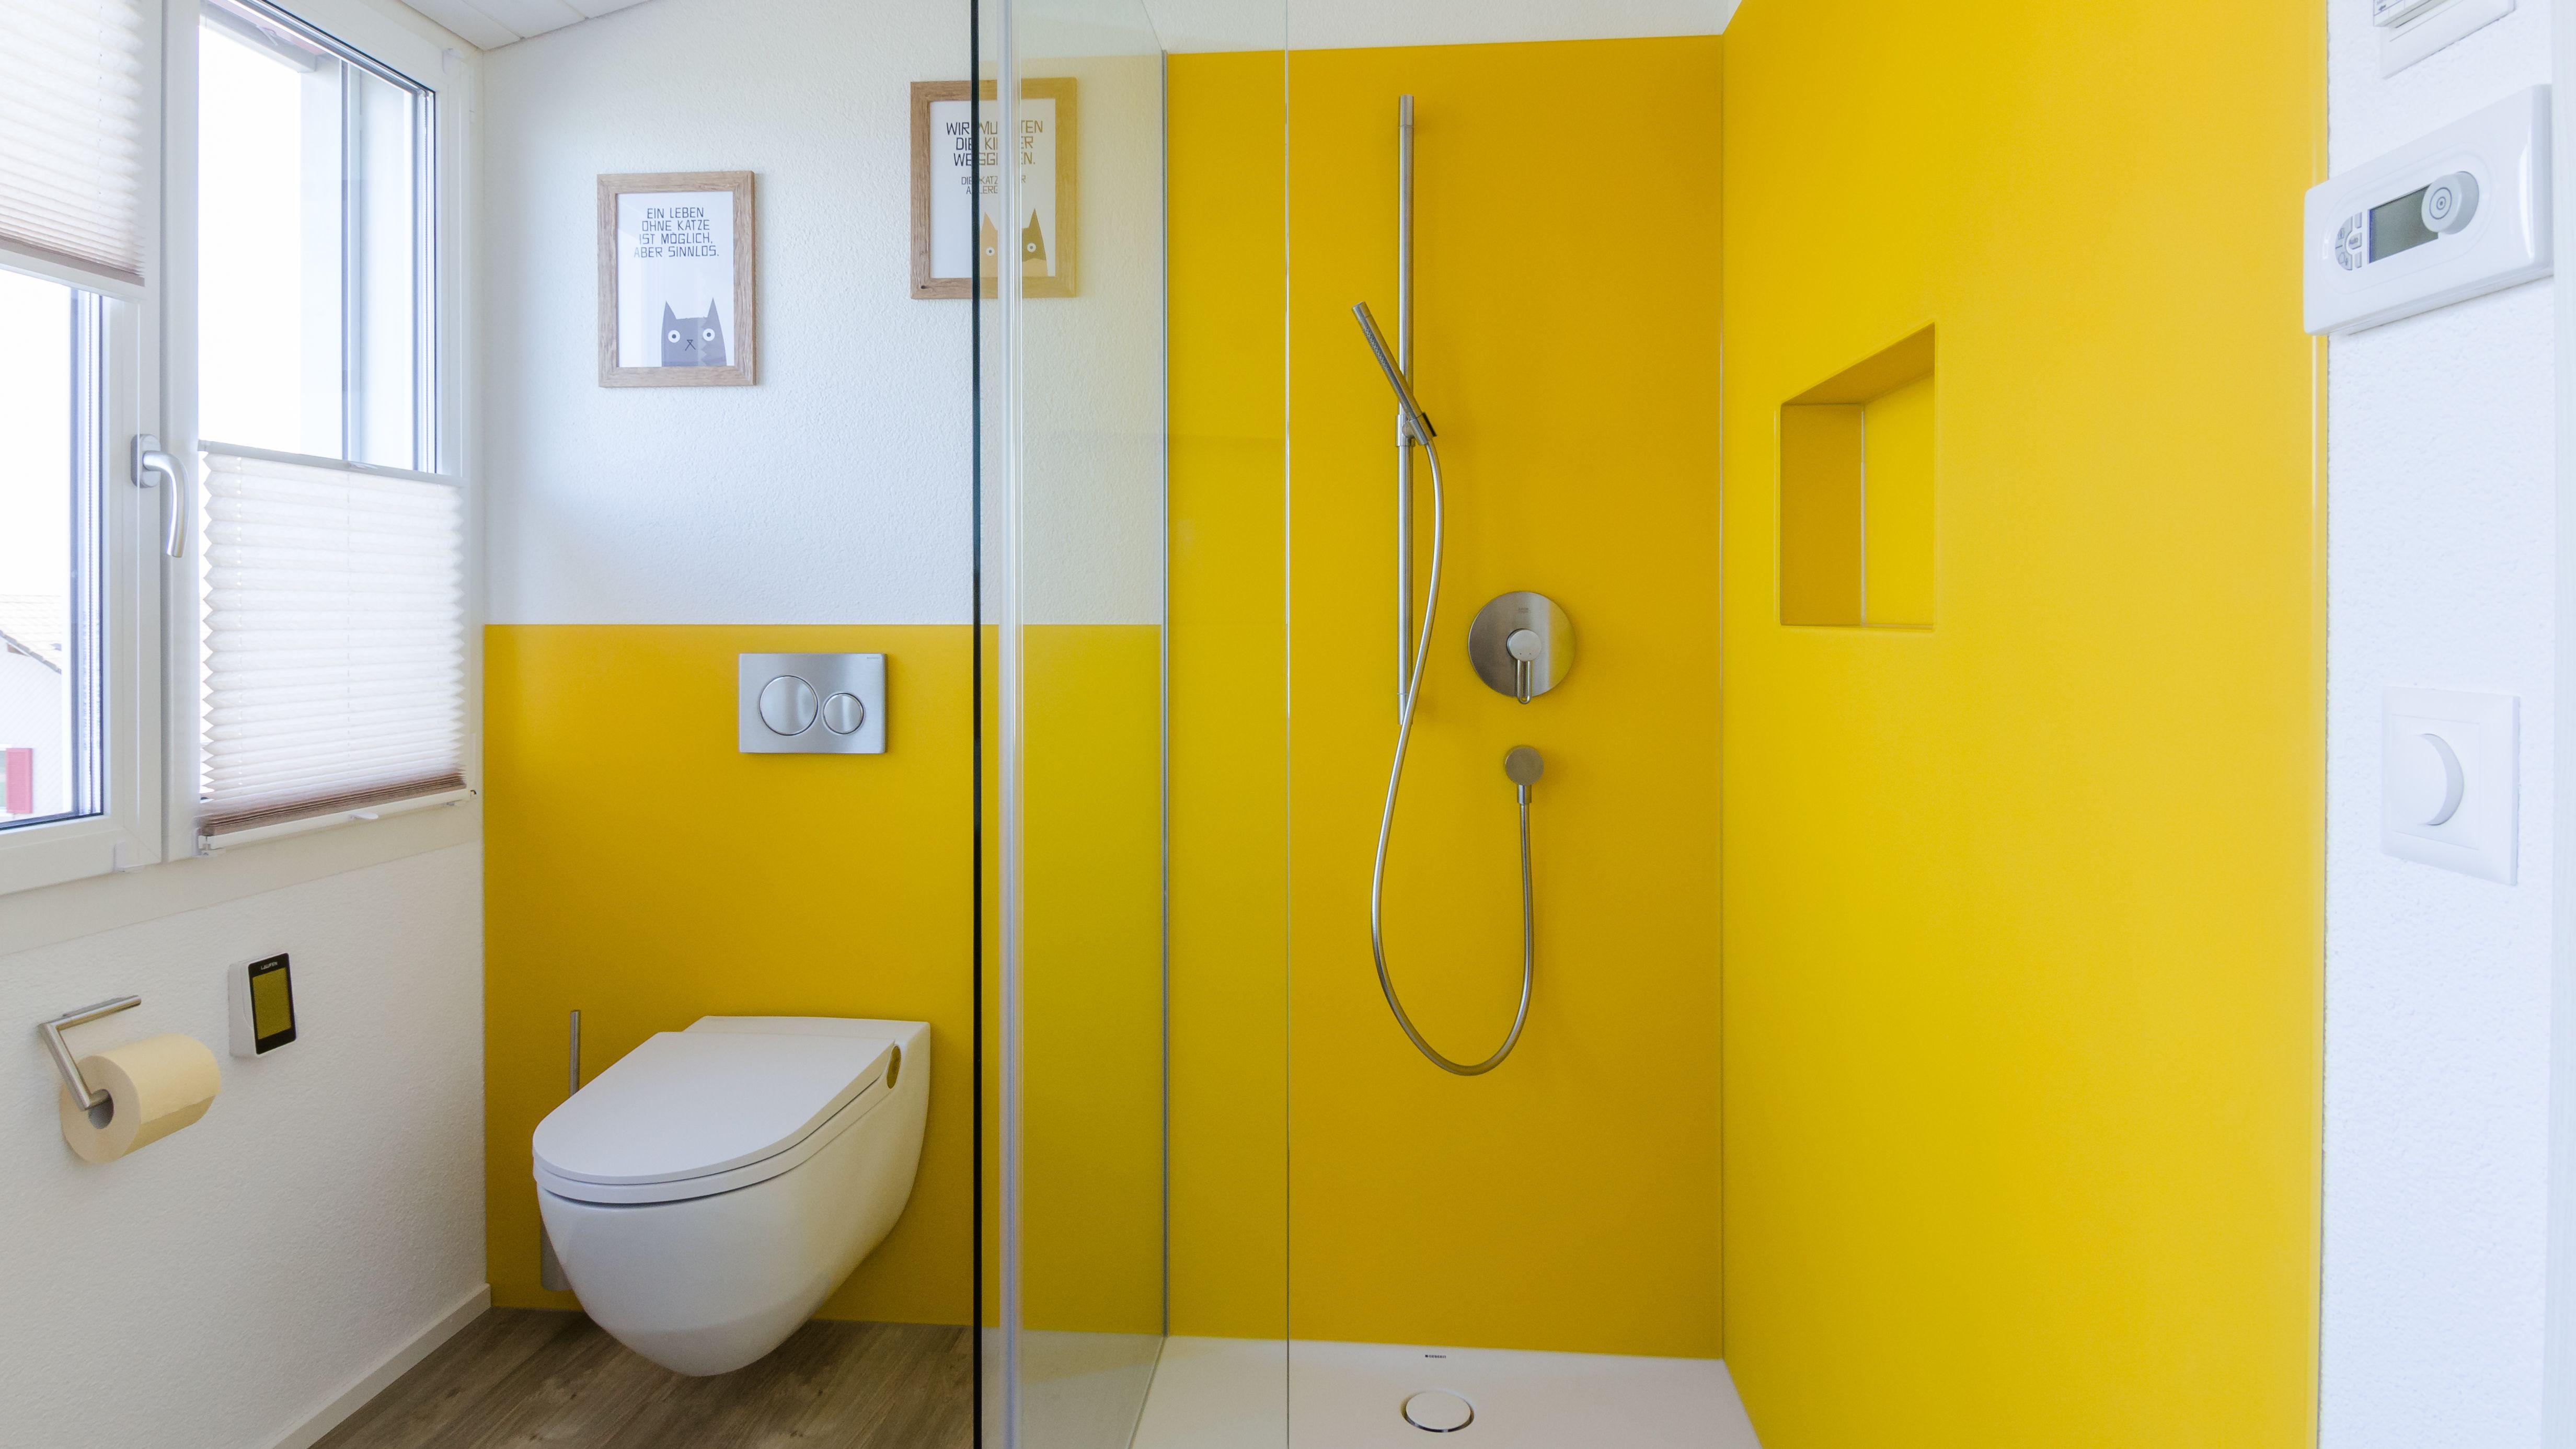 Rückwand Badezimmer ~ Alle rückwände in glas eine einfach reinigung ist garantiert da